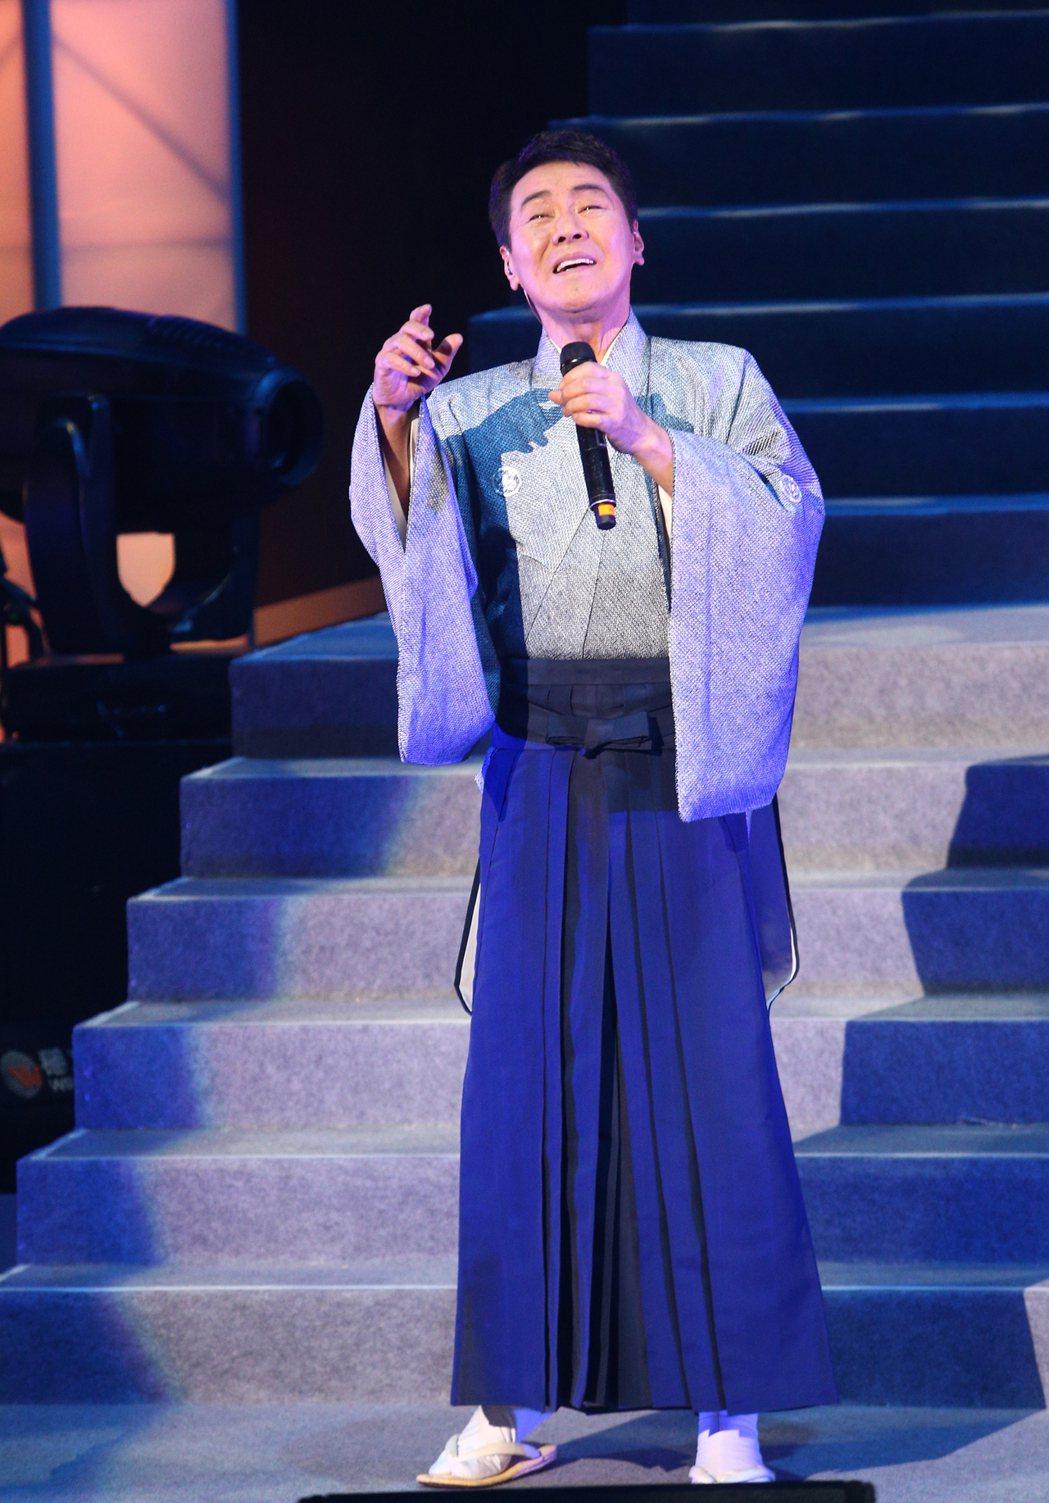 68歲日本演歌天王五木寬昨晚在台北國際會議中心舉行演唱會,睽違兩年來台開唱,五木...